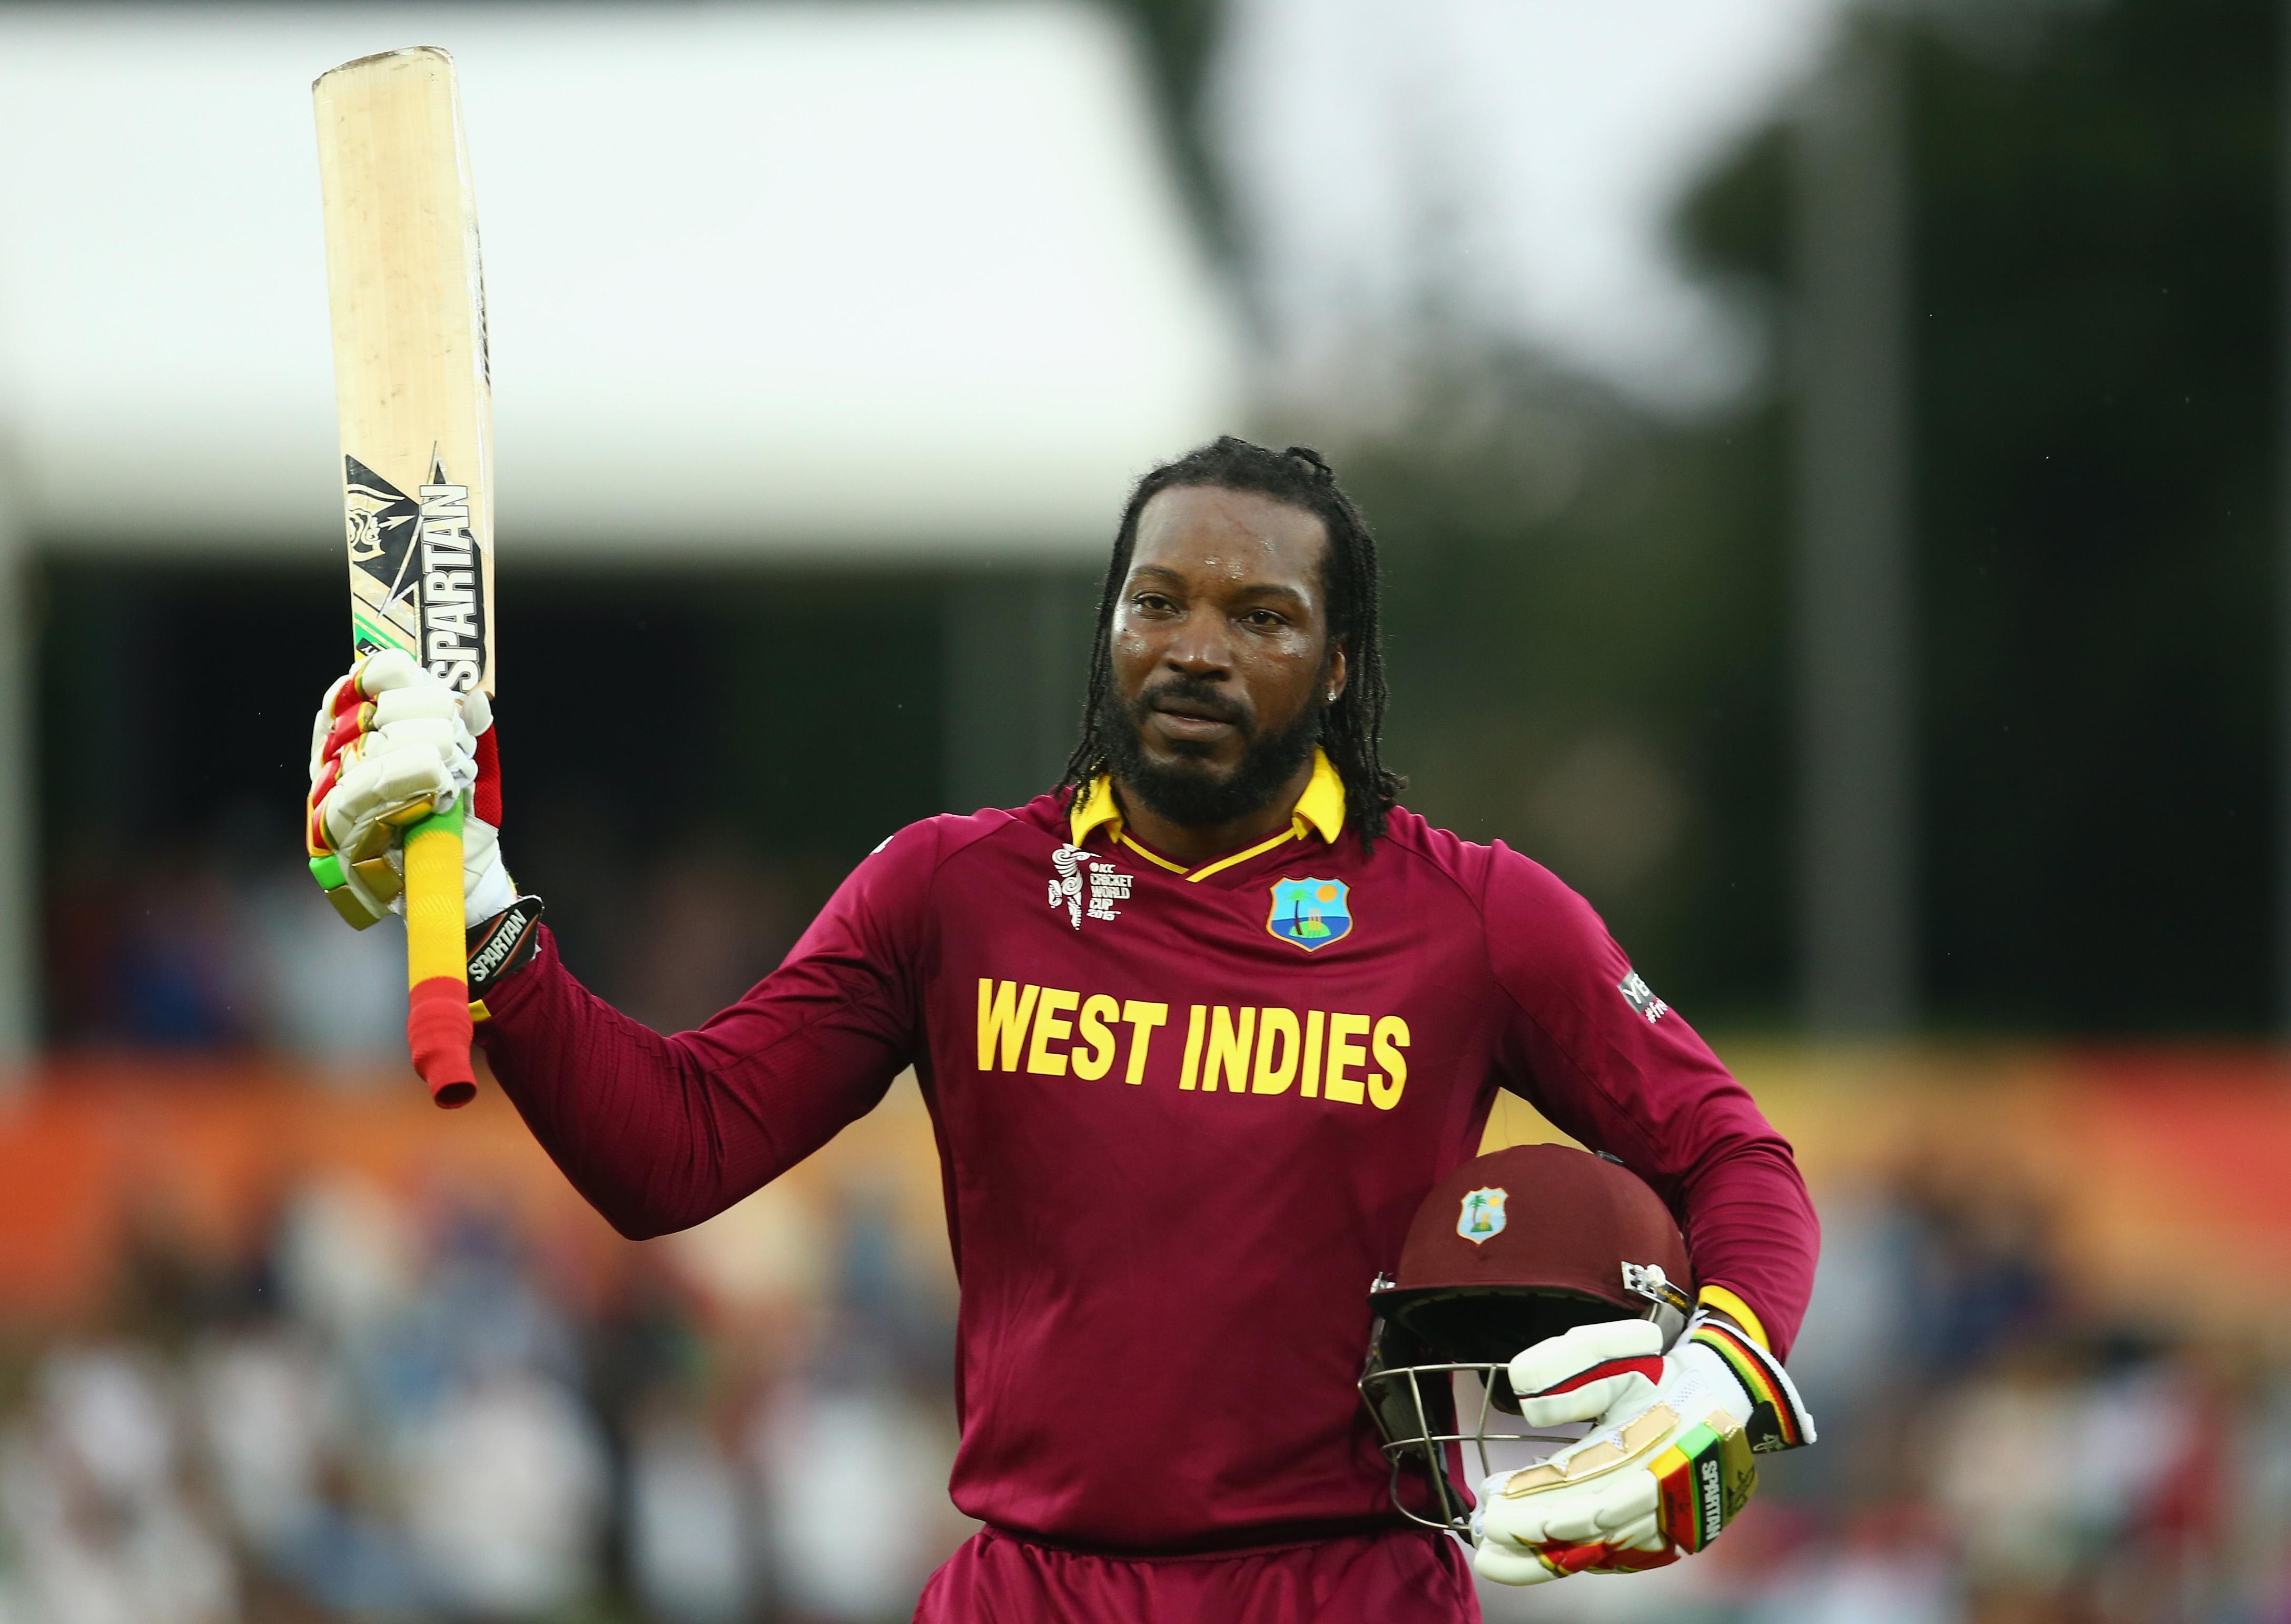 West Indies Cricket Team Background 9